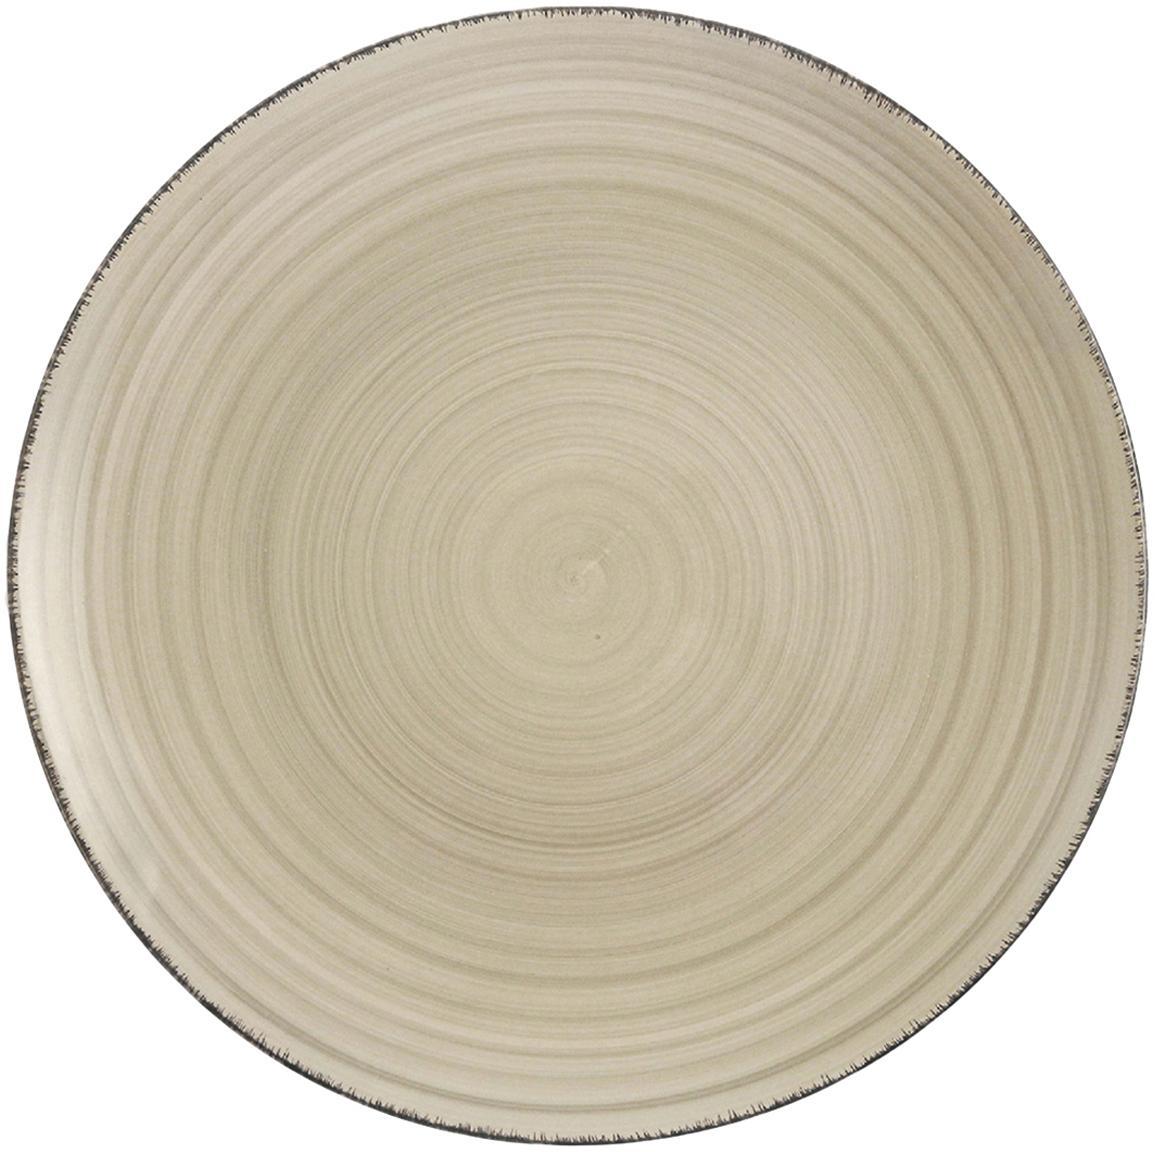 Handbemalte Speiseteller Baita in Greige, 6 Stück, Steingut (Dolomitstein), handbemalt, Greige, Ø 27 cm